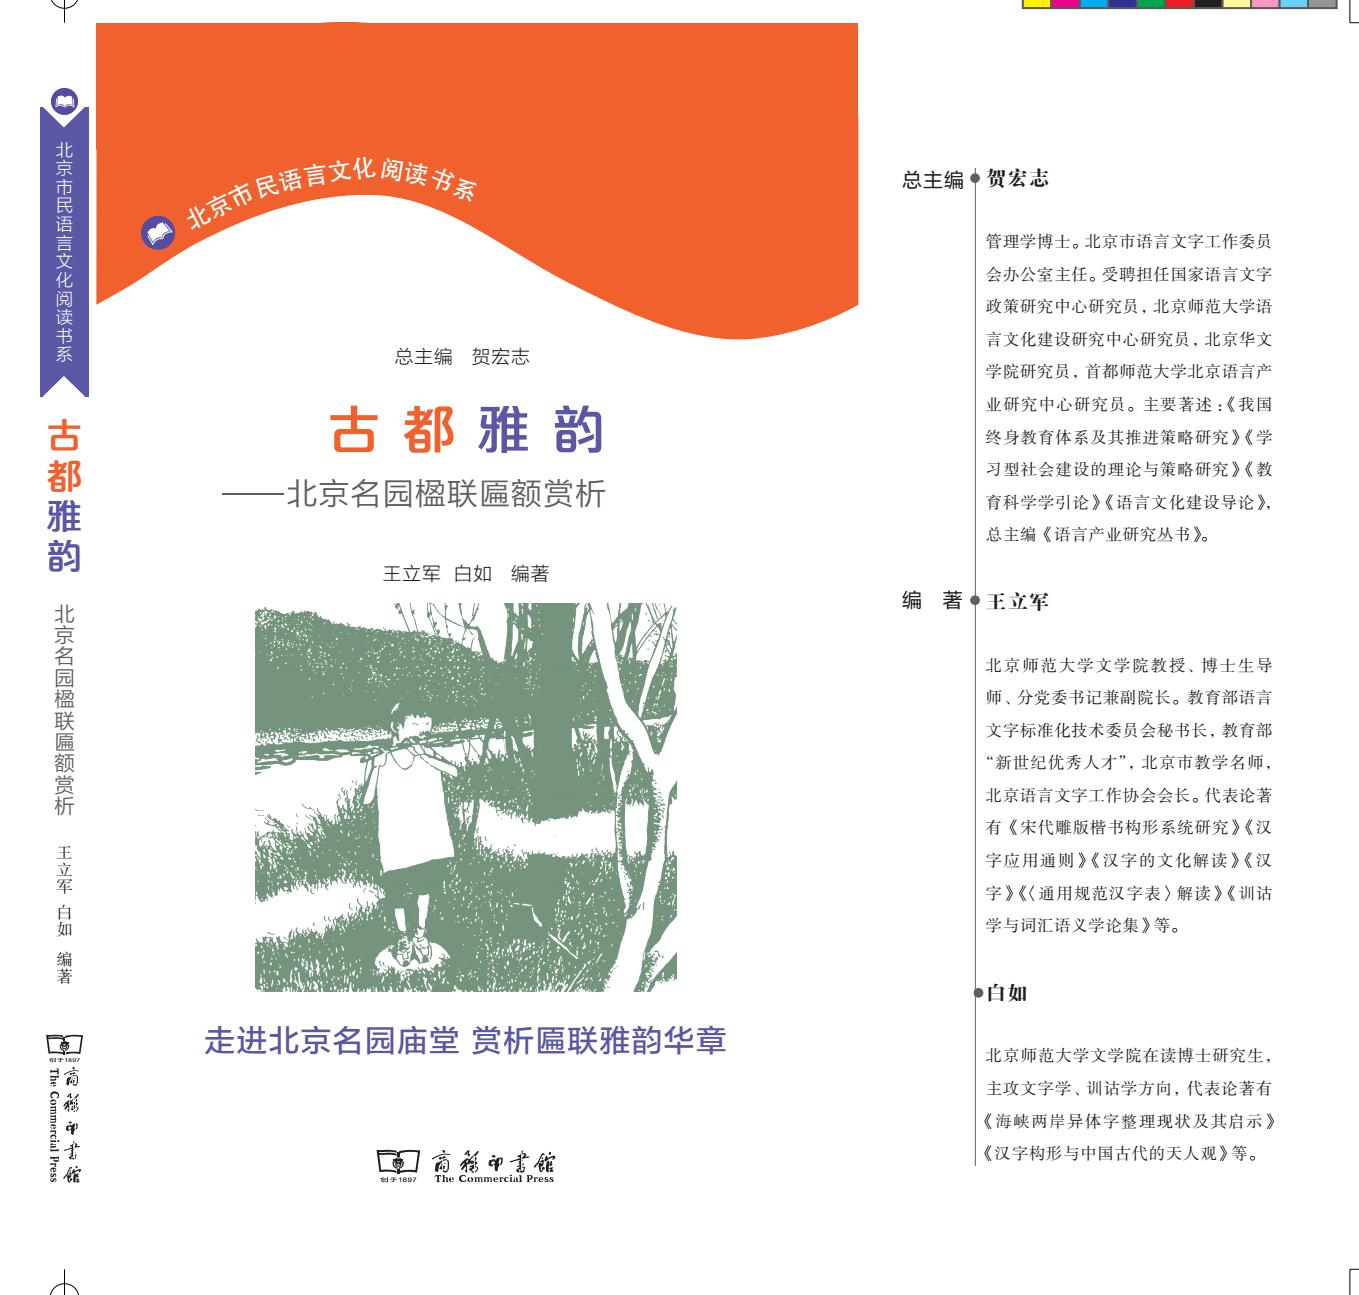 古都雅韵-北京名园楹联匾额赏析